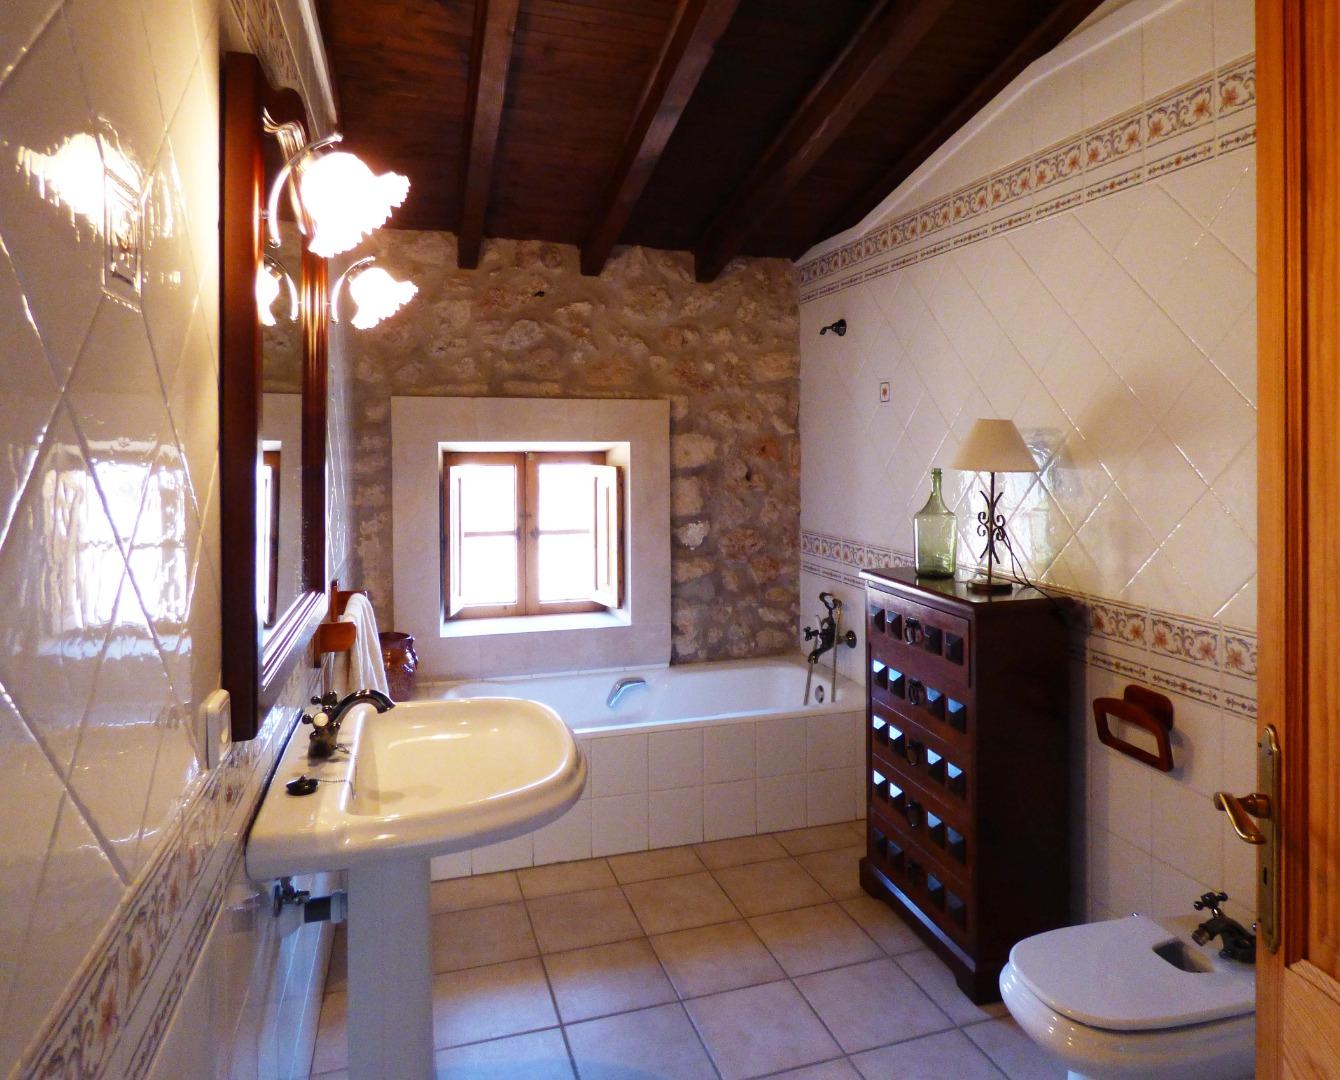 Maison  Plaça del jardí. Casas de pueblo soul housing: venta o alquiler, casa de pueblo c